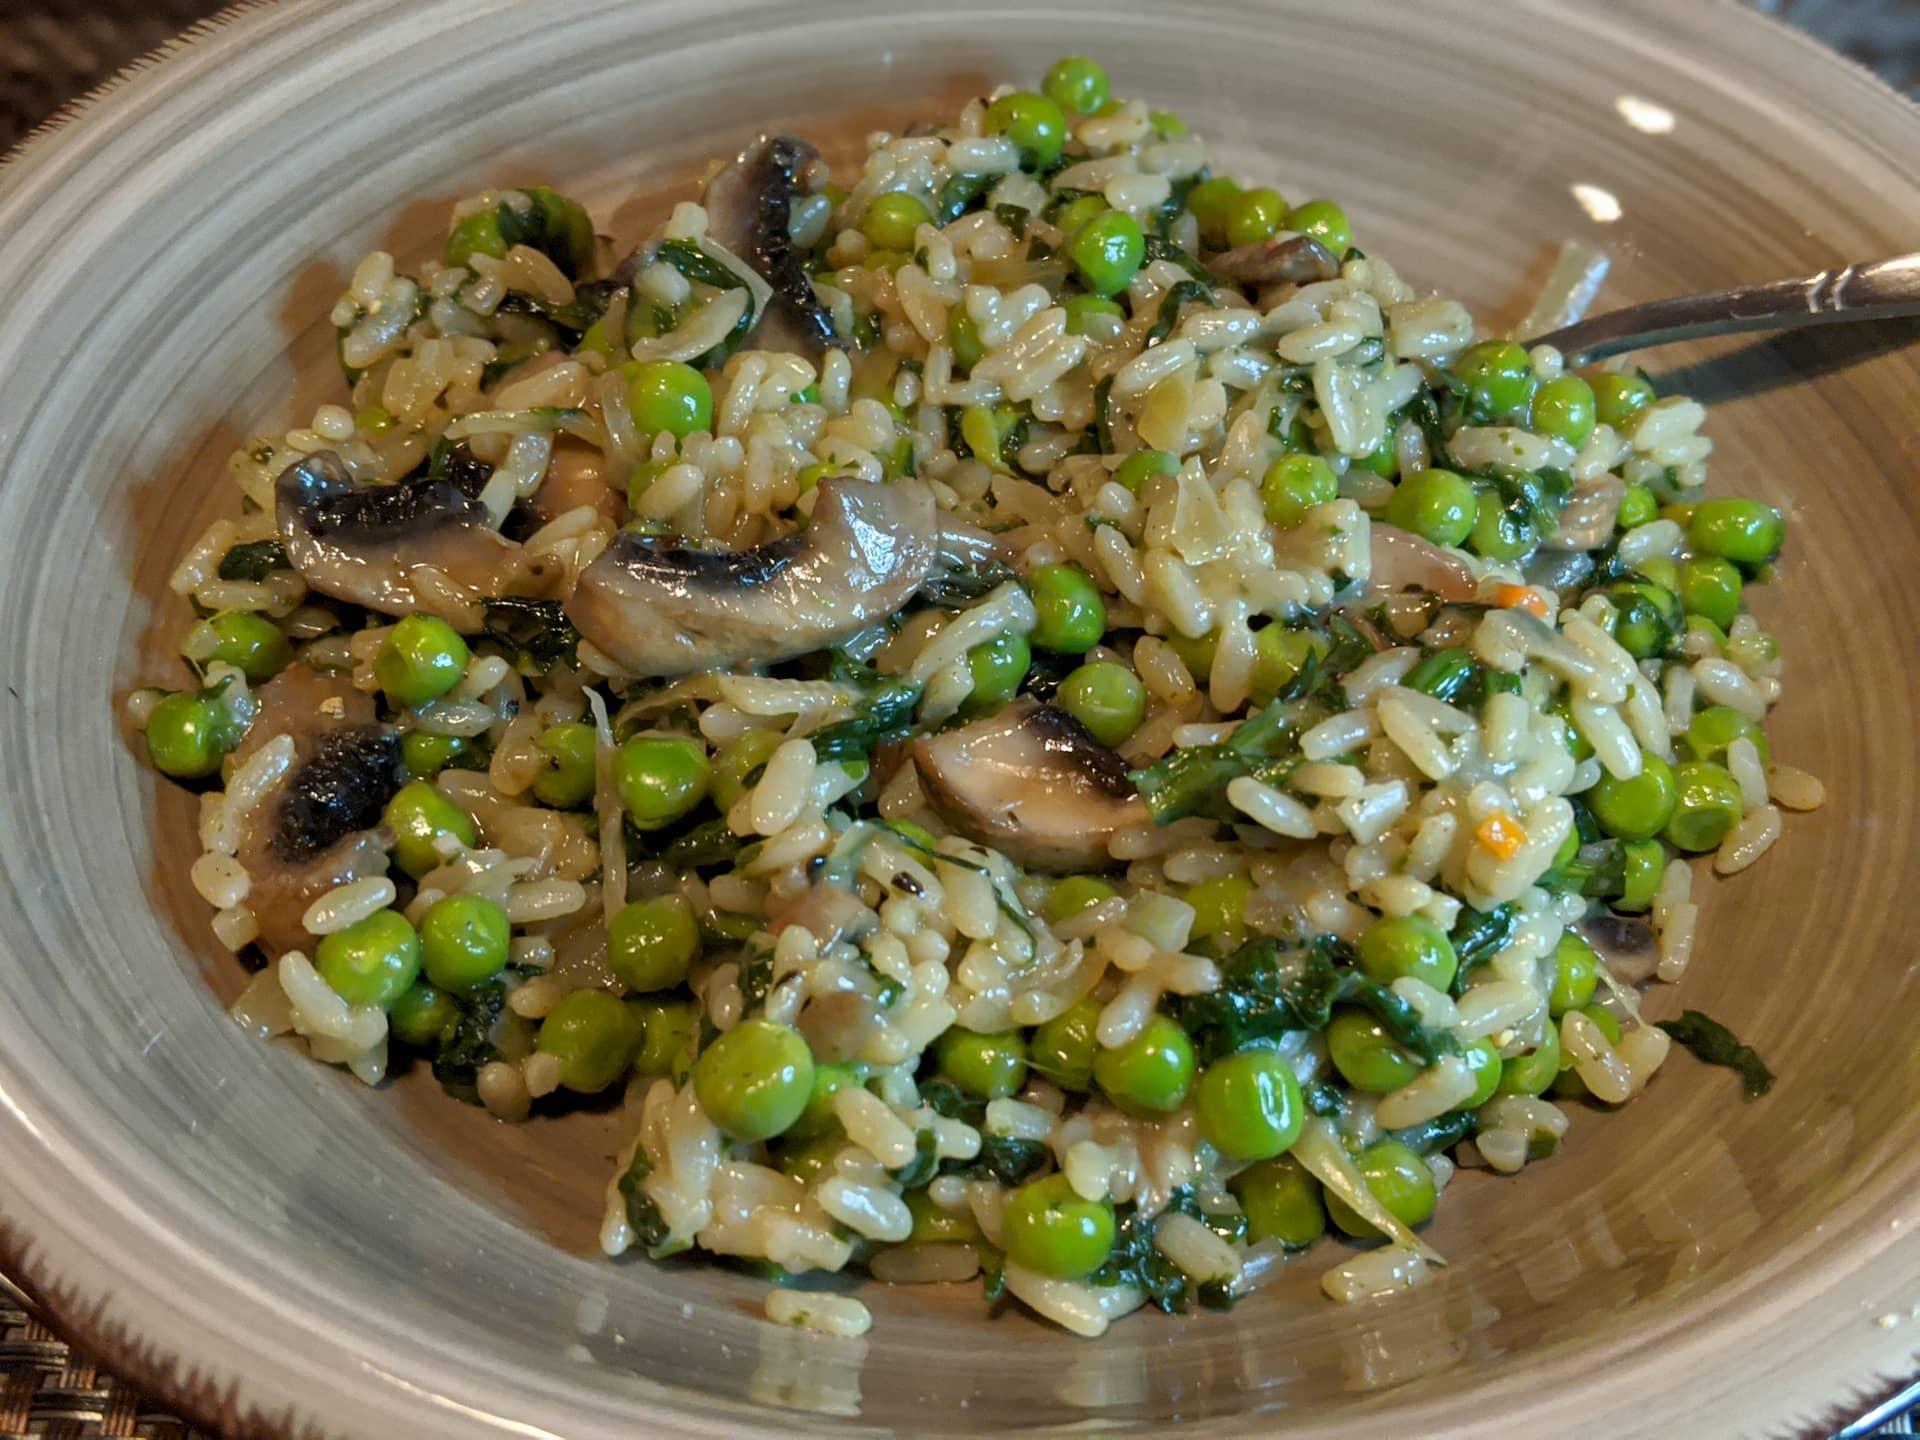 Recette de risotto aux épinards, petits pois et champignons